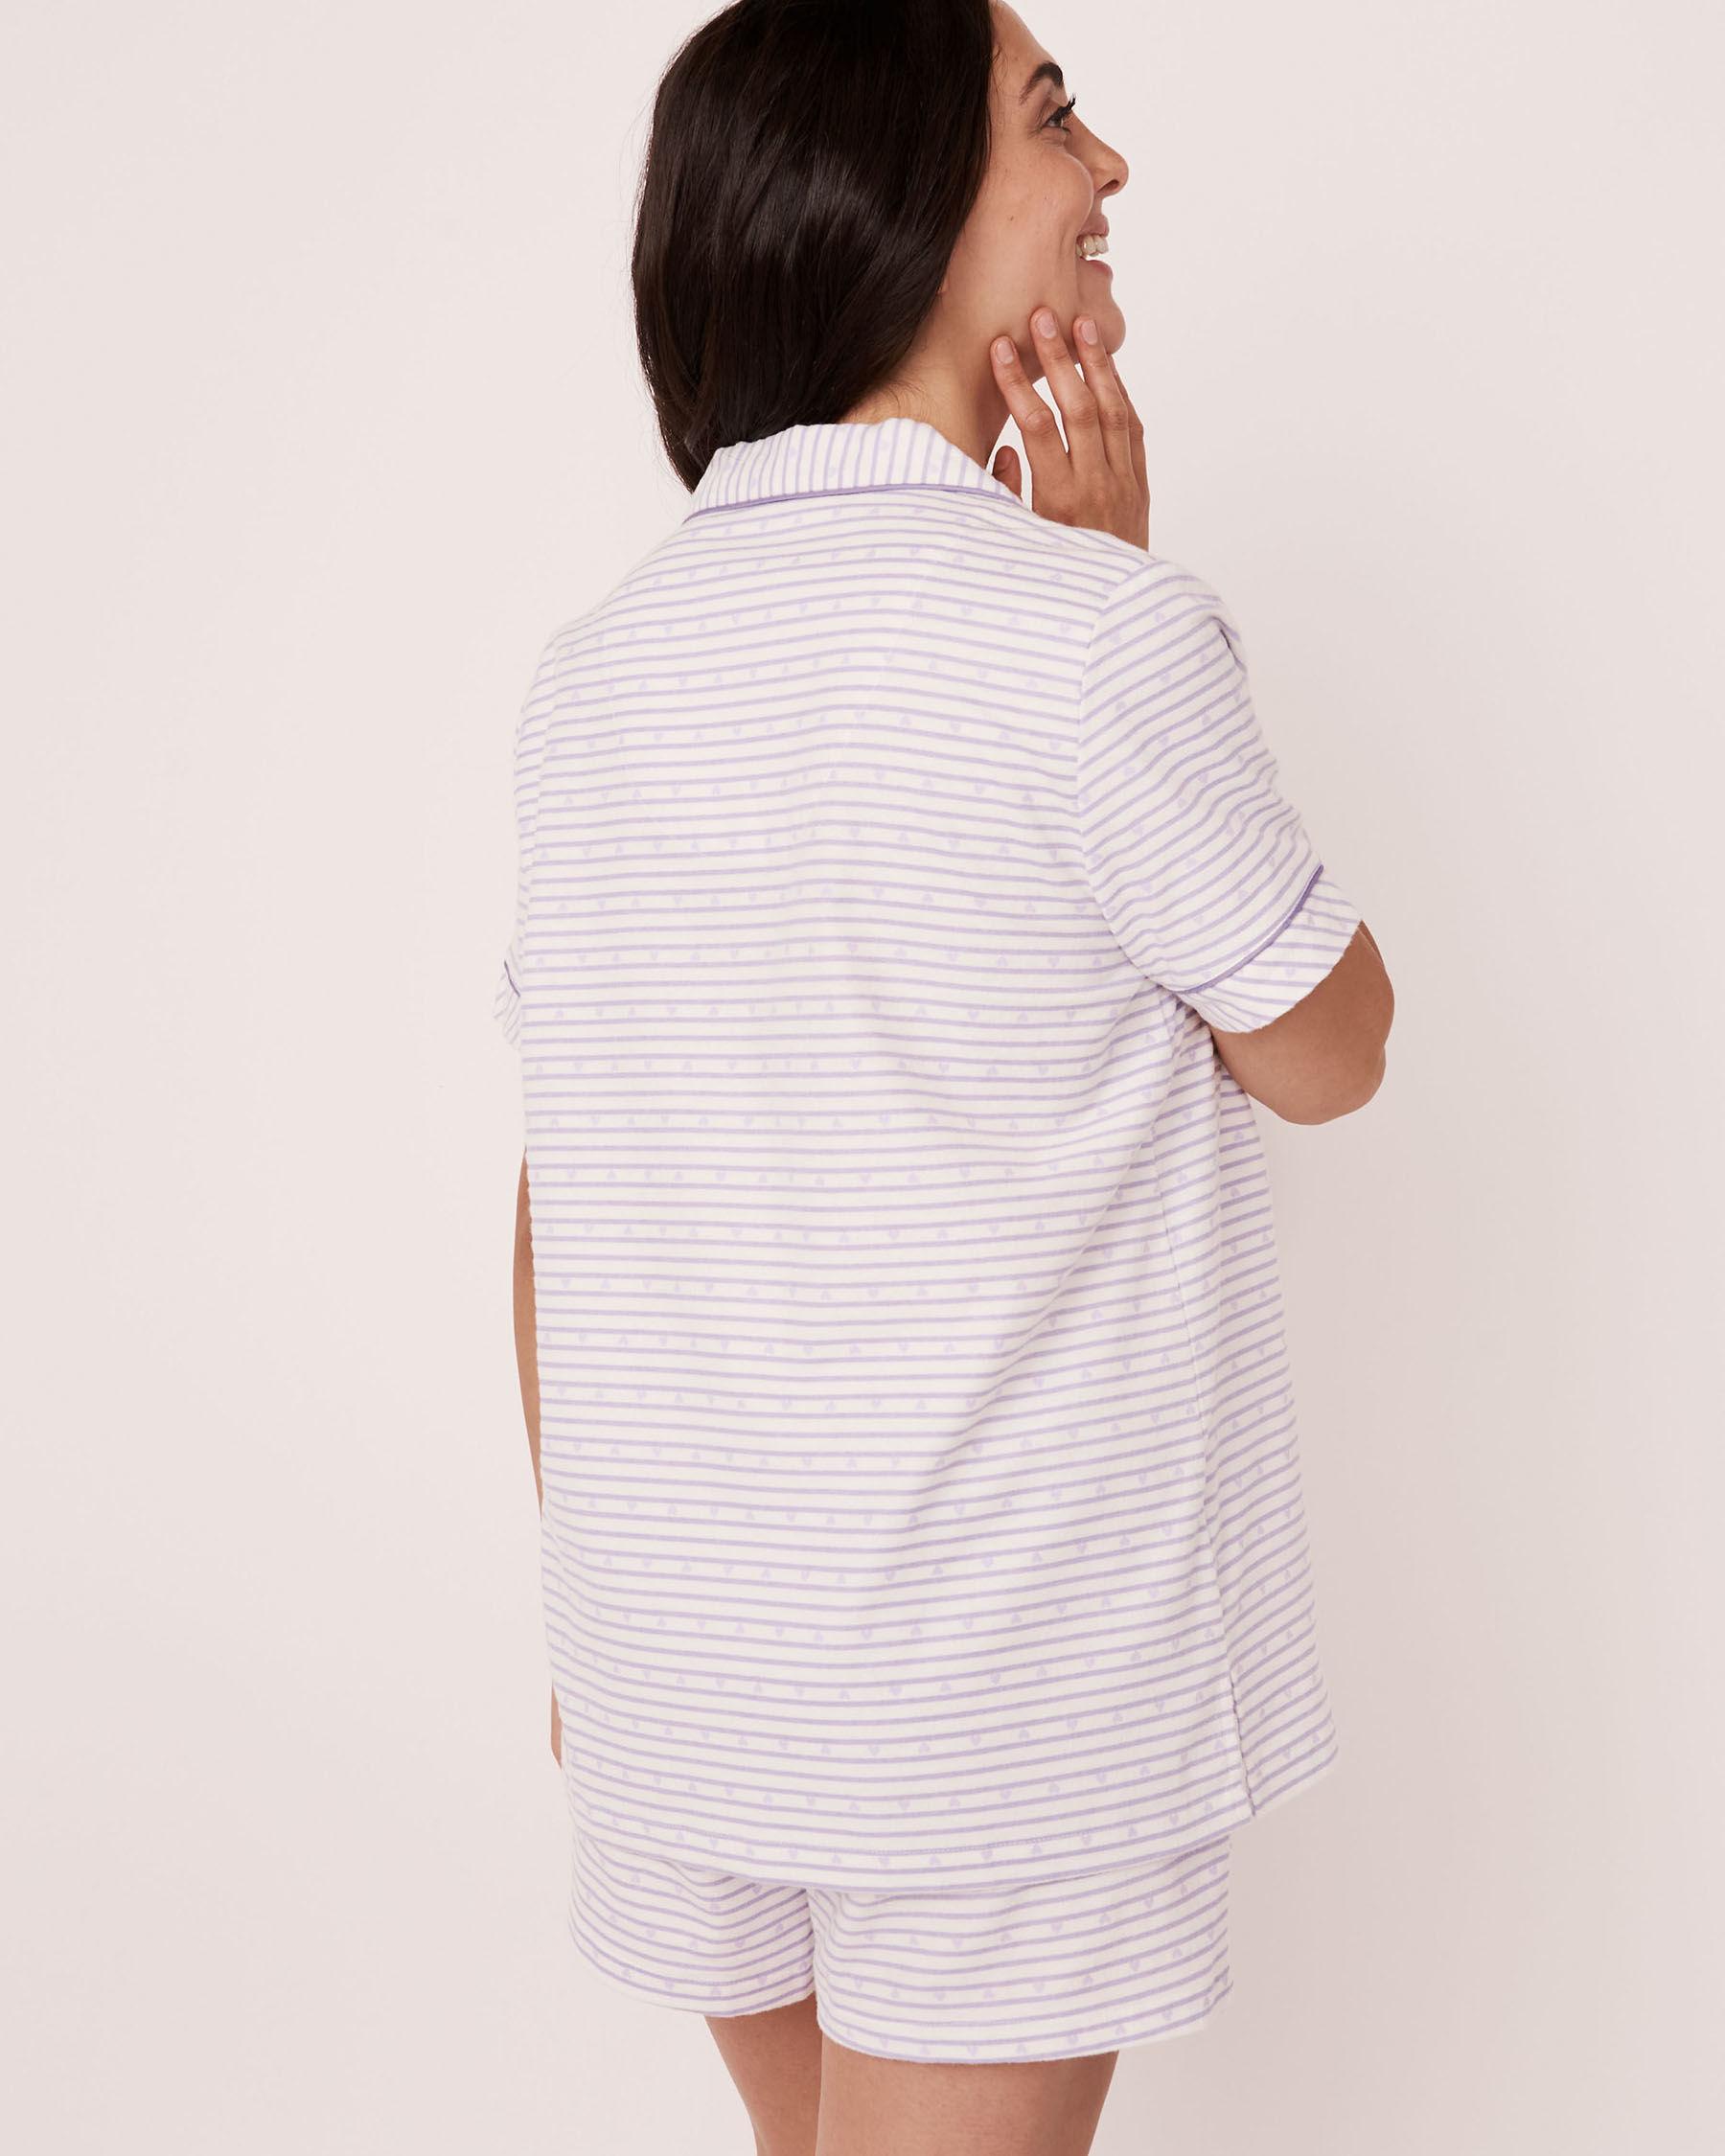 LA VIE EN ROSE Flannel Short PJ Set Stripes 40400011 - View2